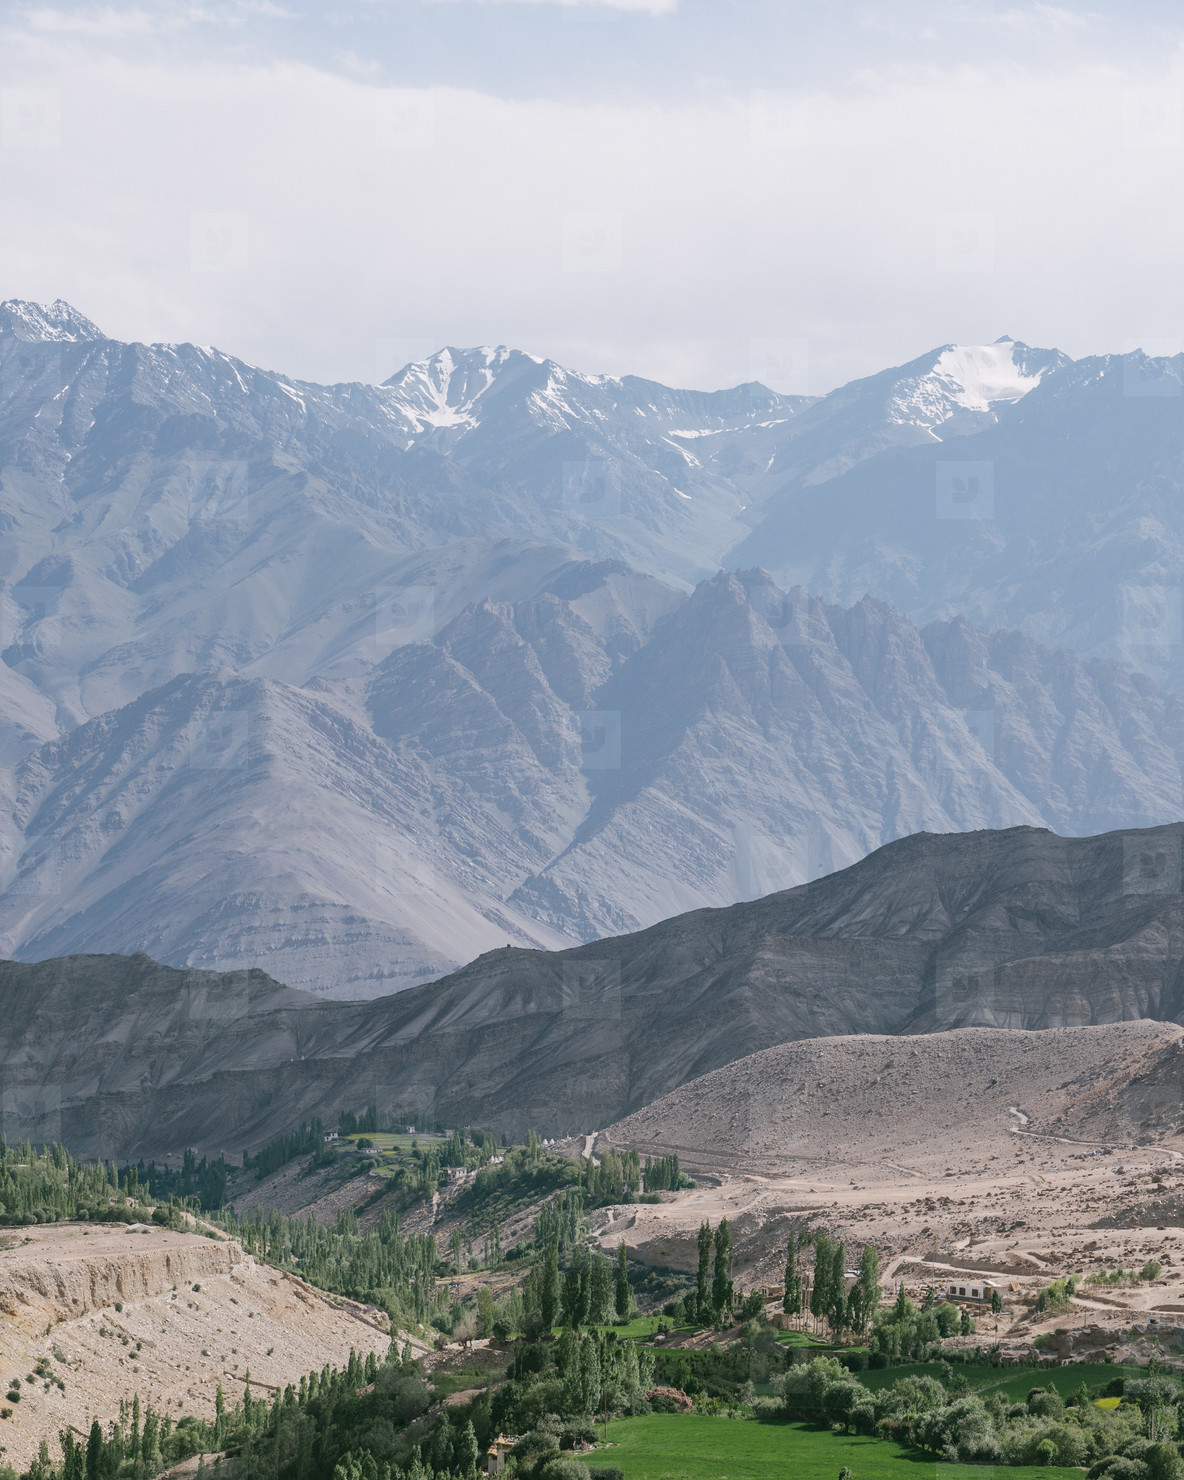 Mountain view  Ladakh  India  02